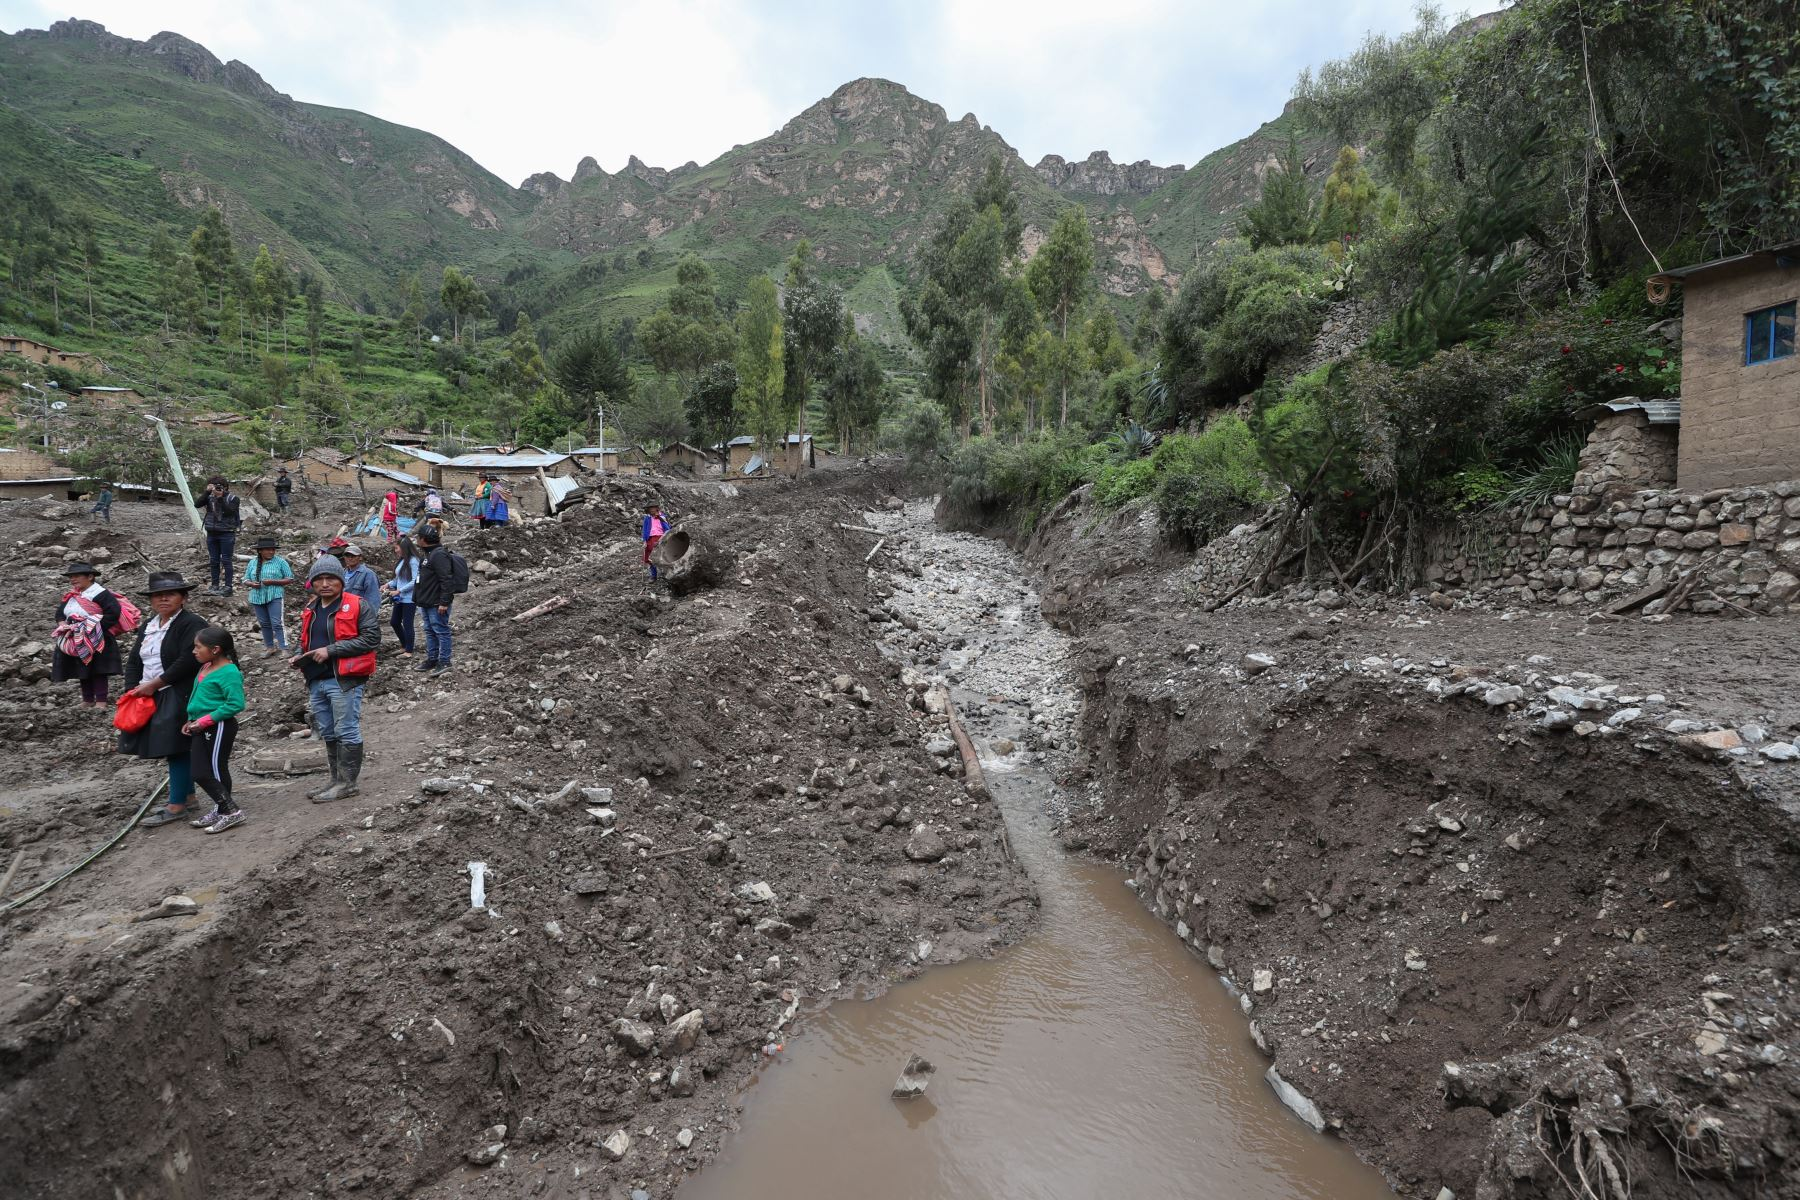 Ministro de Defensa, Walter Roger Martos  y Ministro de Vivienda , Rodolfo Eugenio Yáñez inspeccionaron daños ocasionados por caída de huaico en la localidad de Cocas, en Ayacucho. Foto:  Mindef